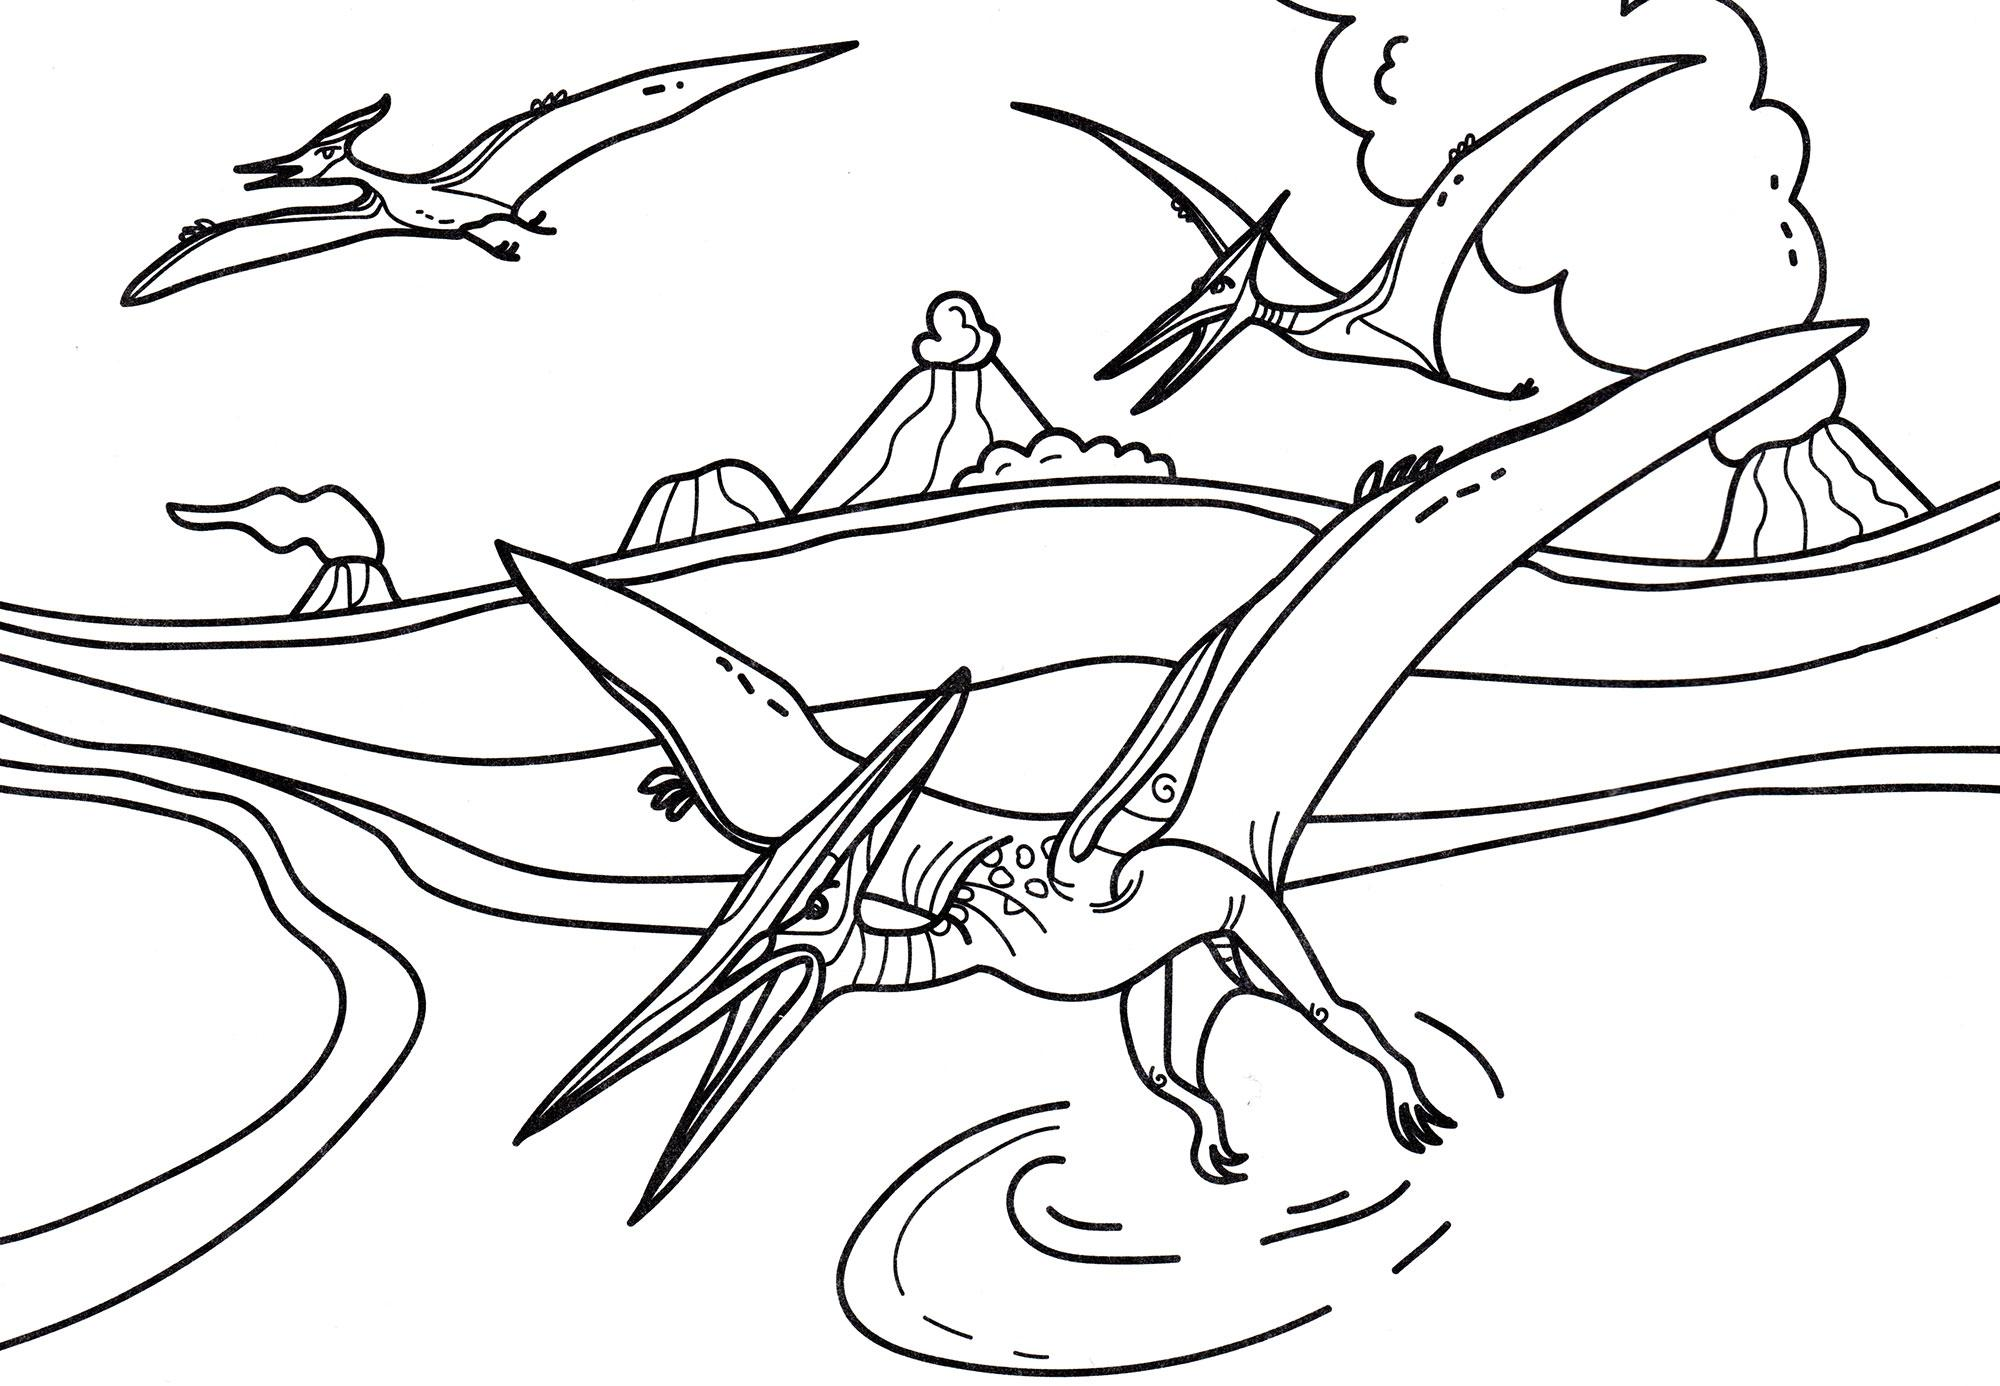 раскраска динозавр птеродактиль